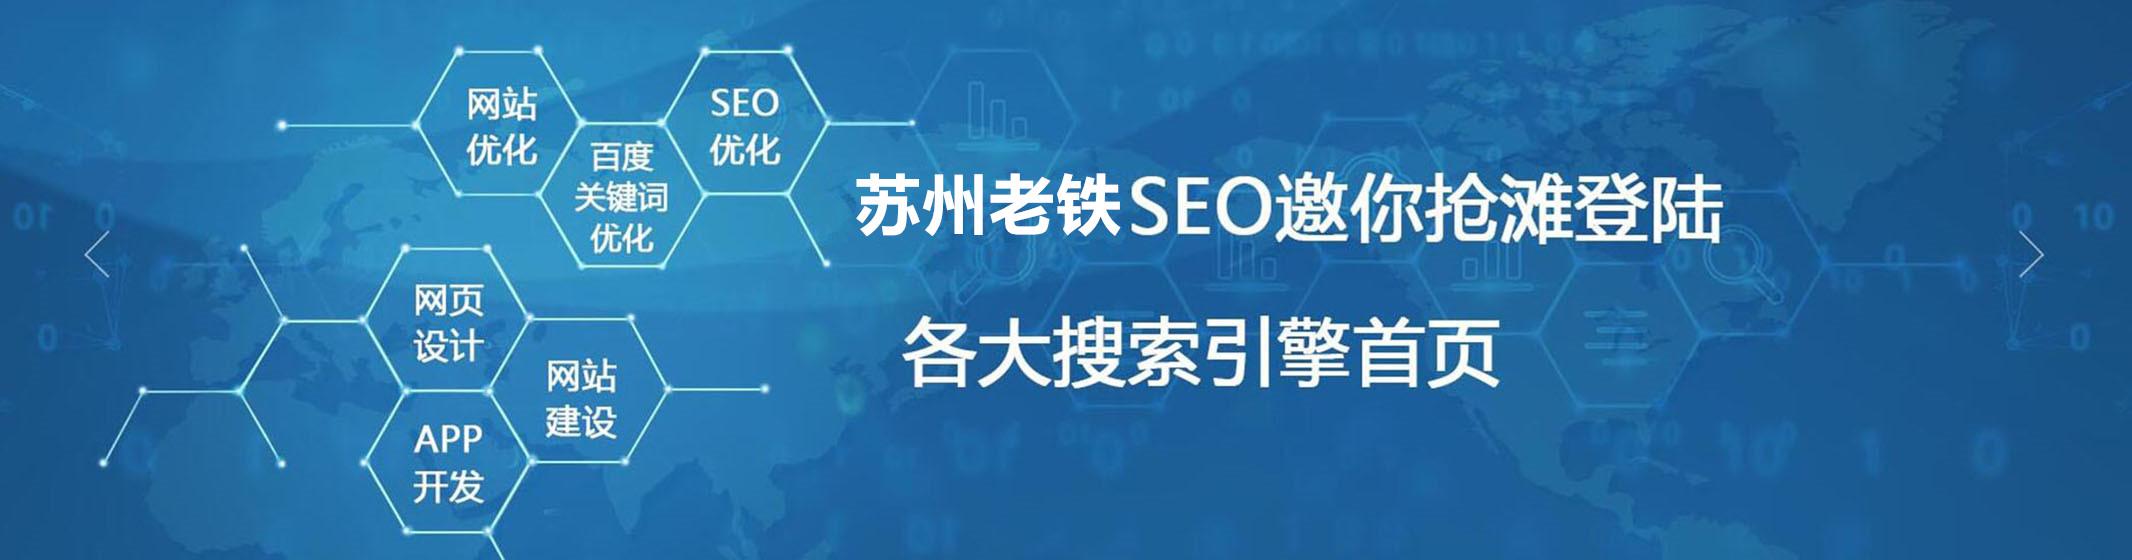 苏州虎丘区互联网SEO推广新团队